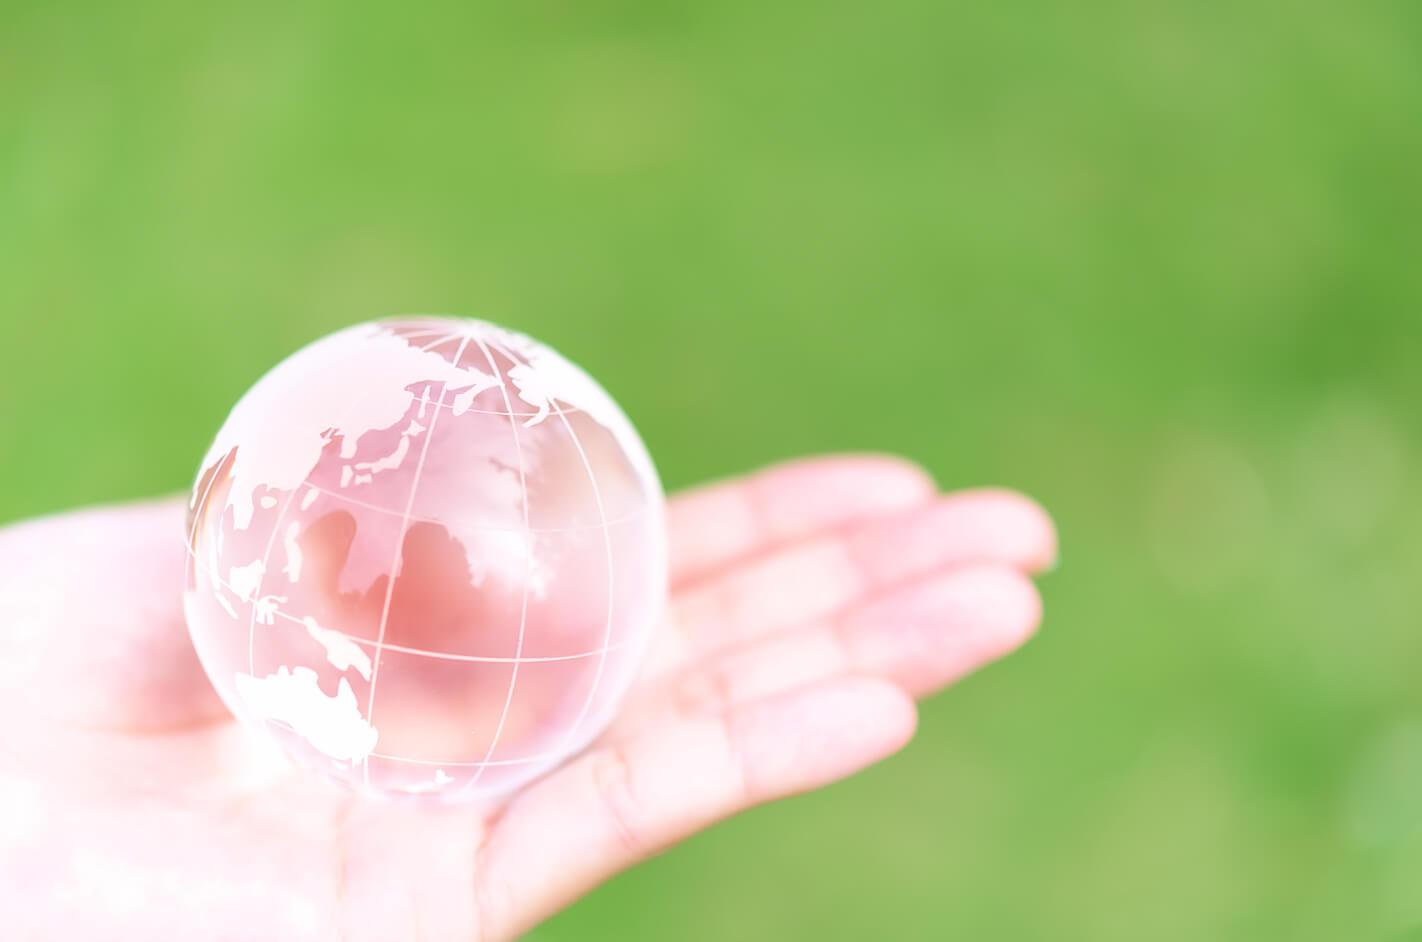 地球をヒーリングする真の心を持つ女性の左手